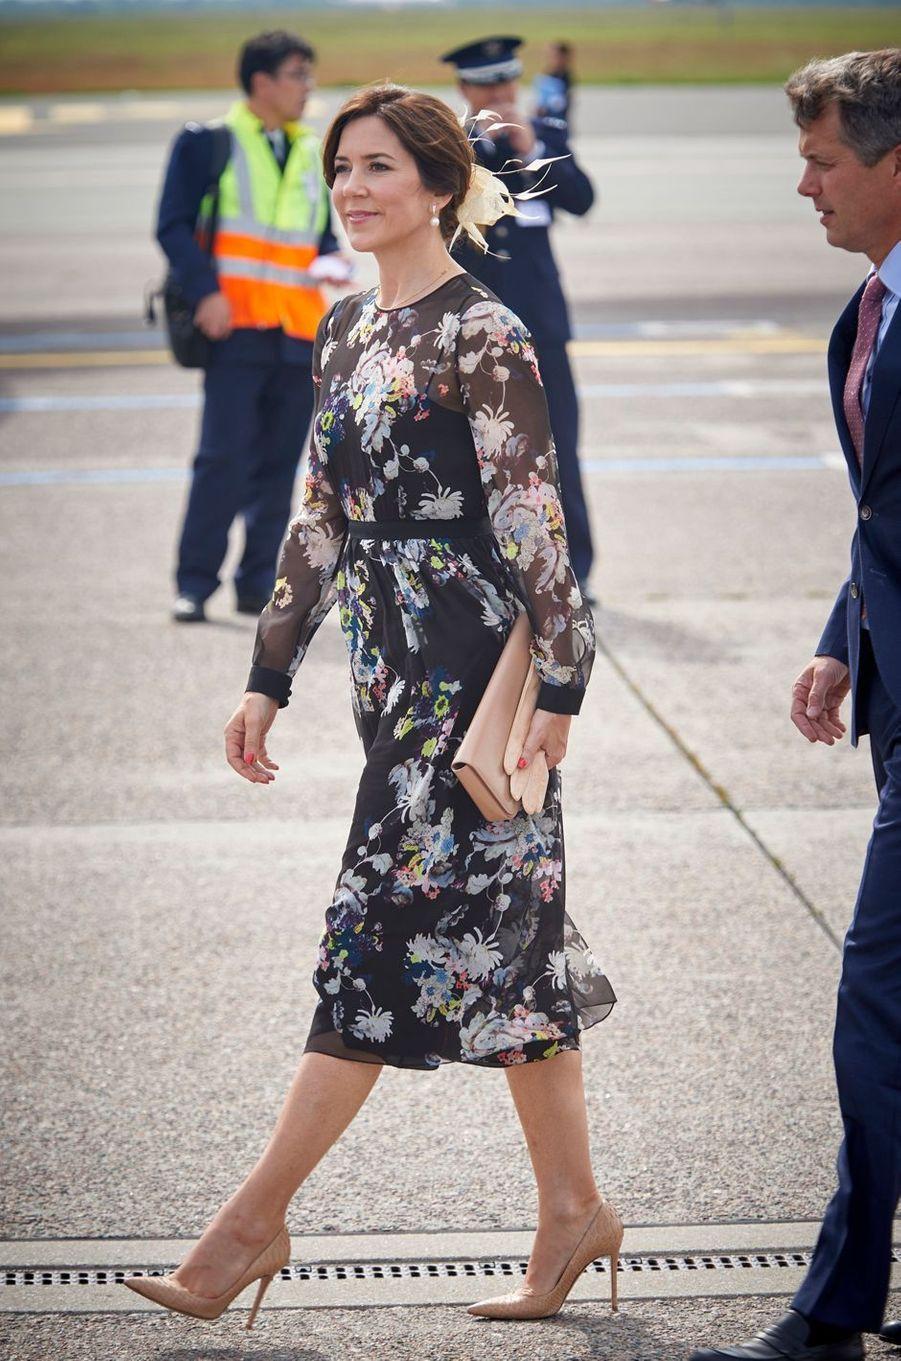 La princesse Mary et le prince Frederik de Danemark à l'aéroport de Copenhague, le 15 juin 2017